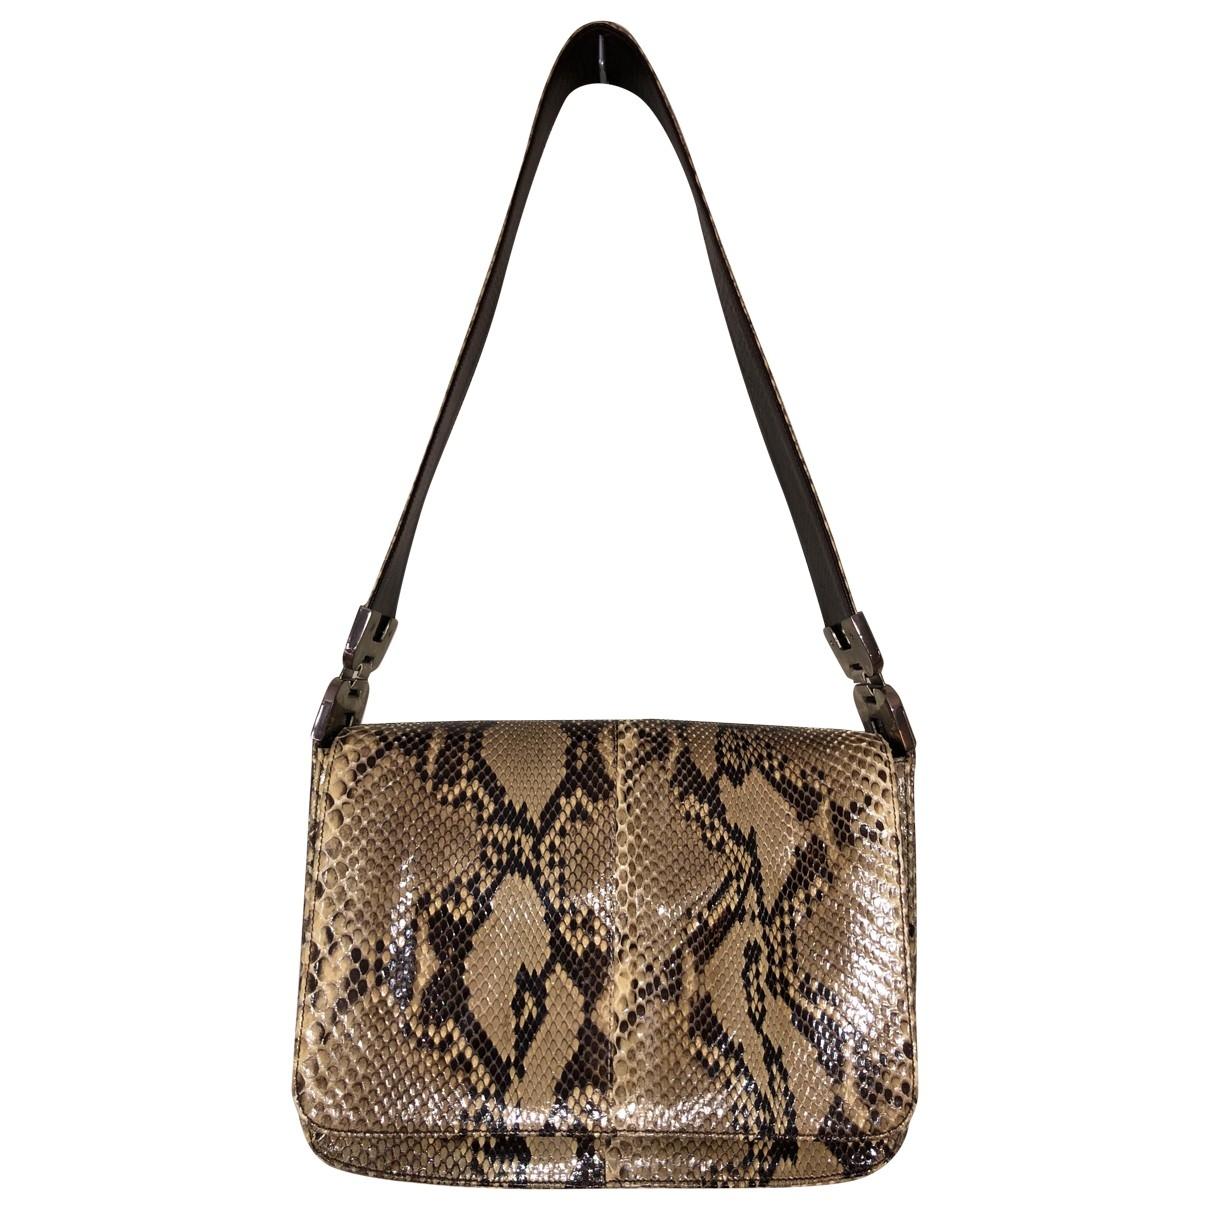 Prada \N Beige Water snake handbag for Women \N